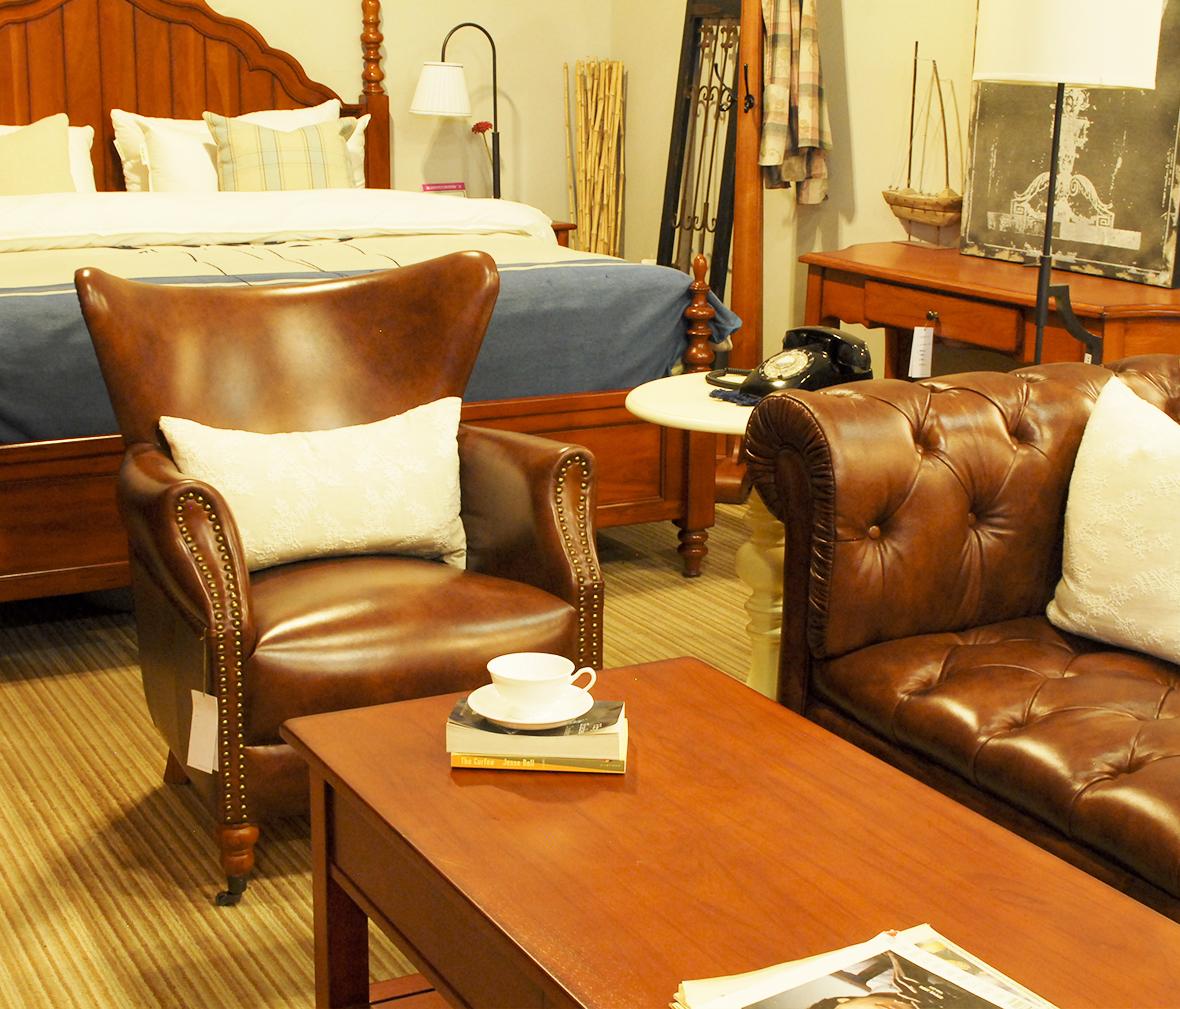 眼缘:0  瑞尔家具 灯挂椅 yd001型号 榆木材质 中式古典风格 明式